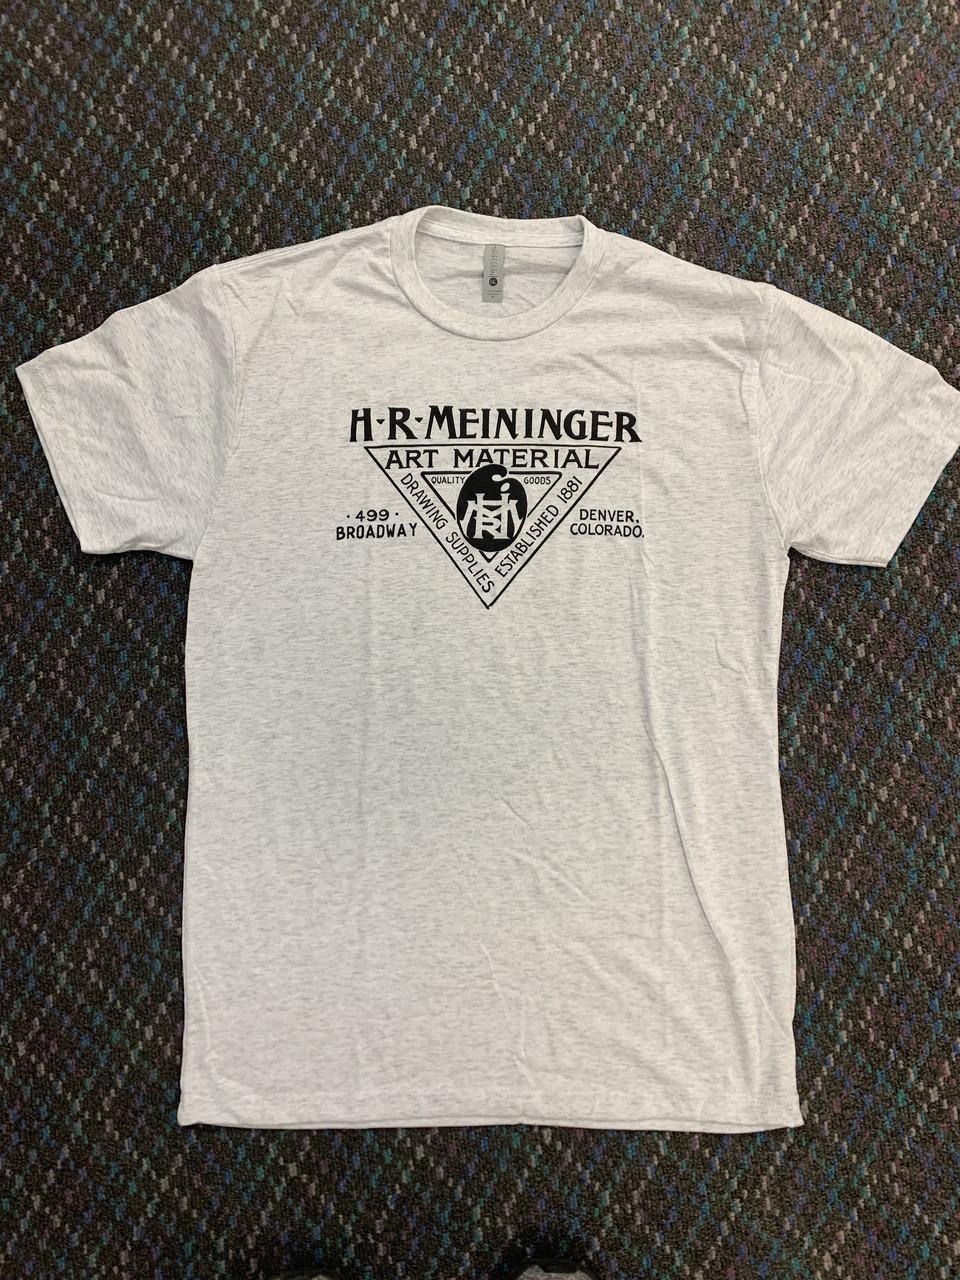 Meininger T-shirt